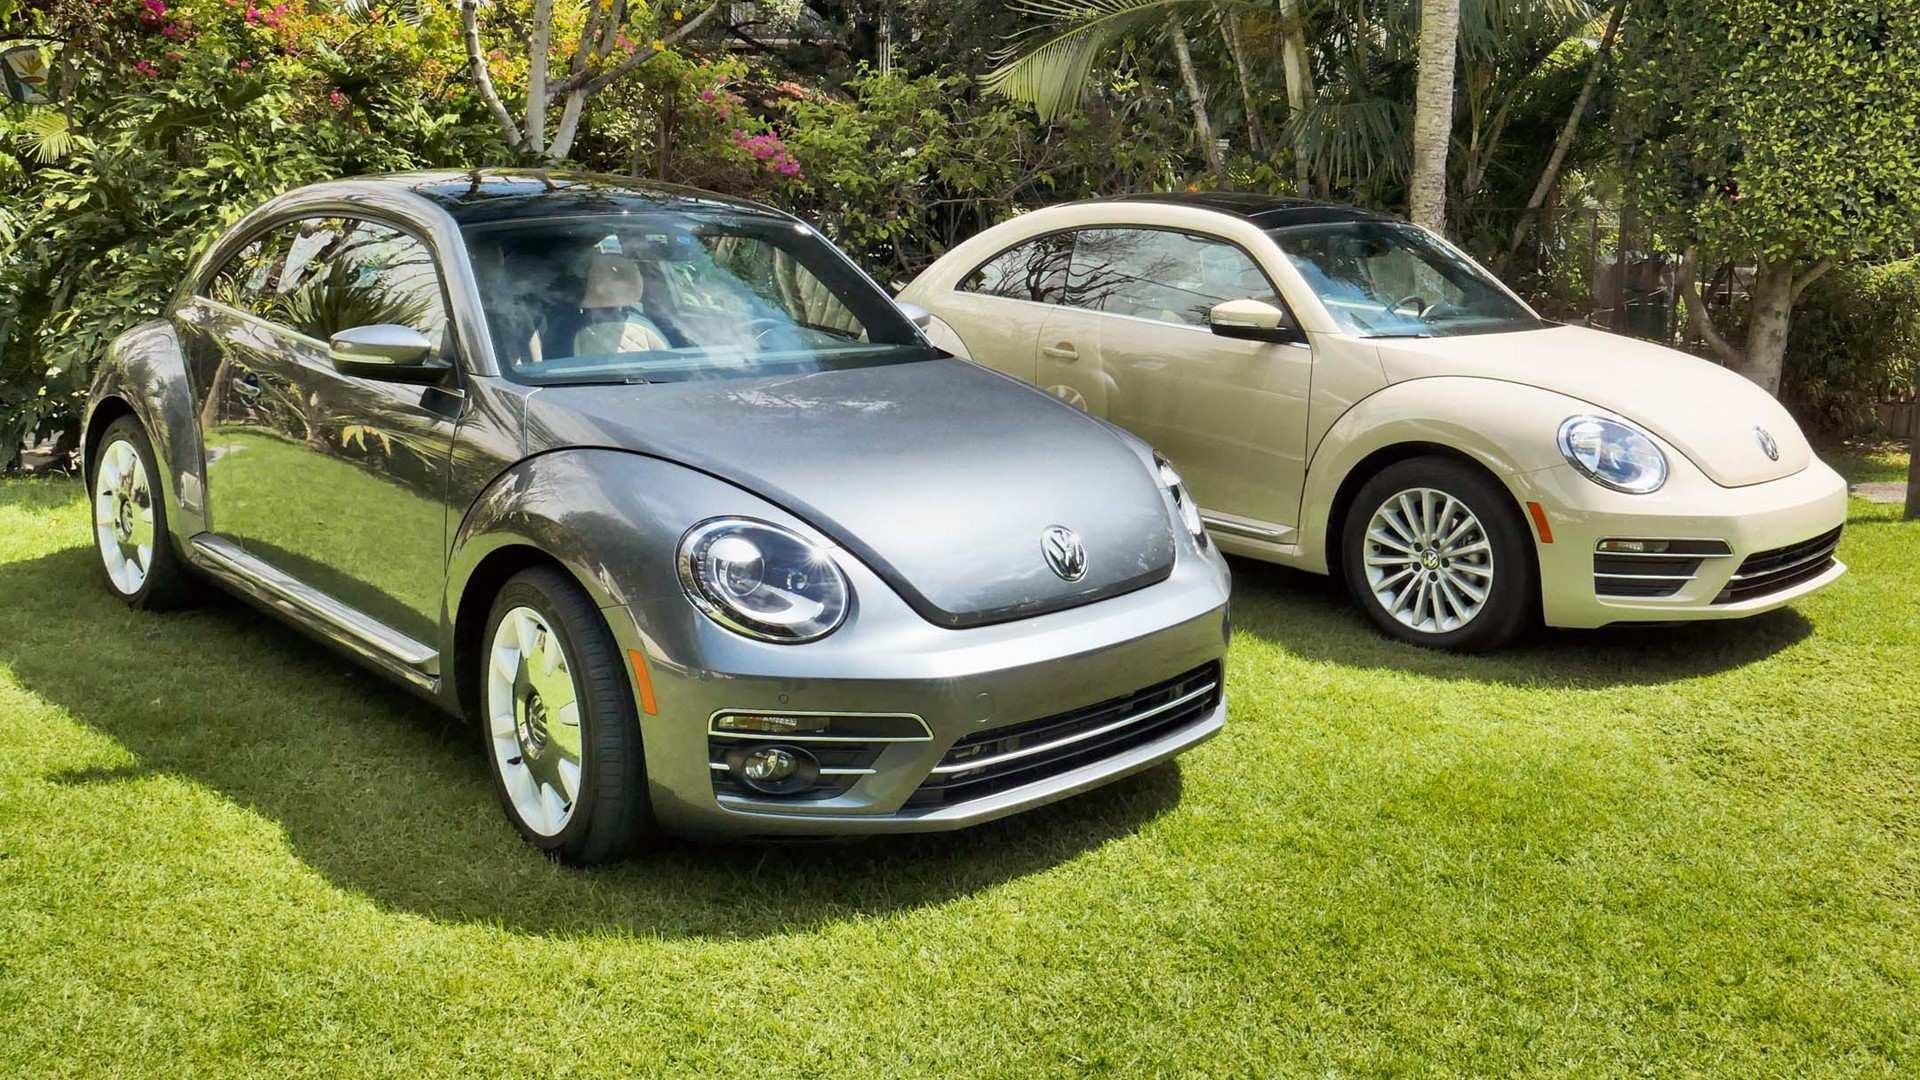 43 Gallery of 2019 Volkswagen Bug Price with 2019 Volkswagen Bug